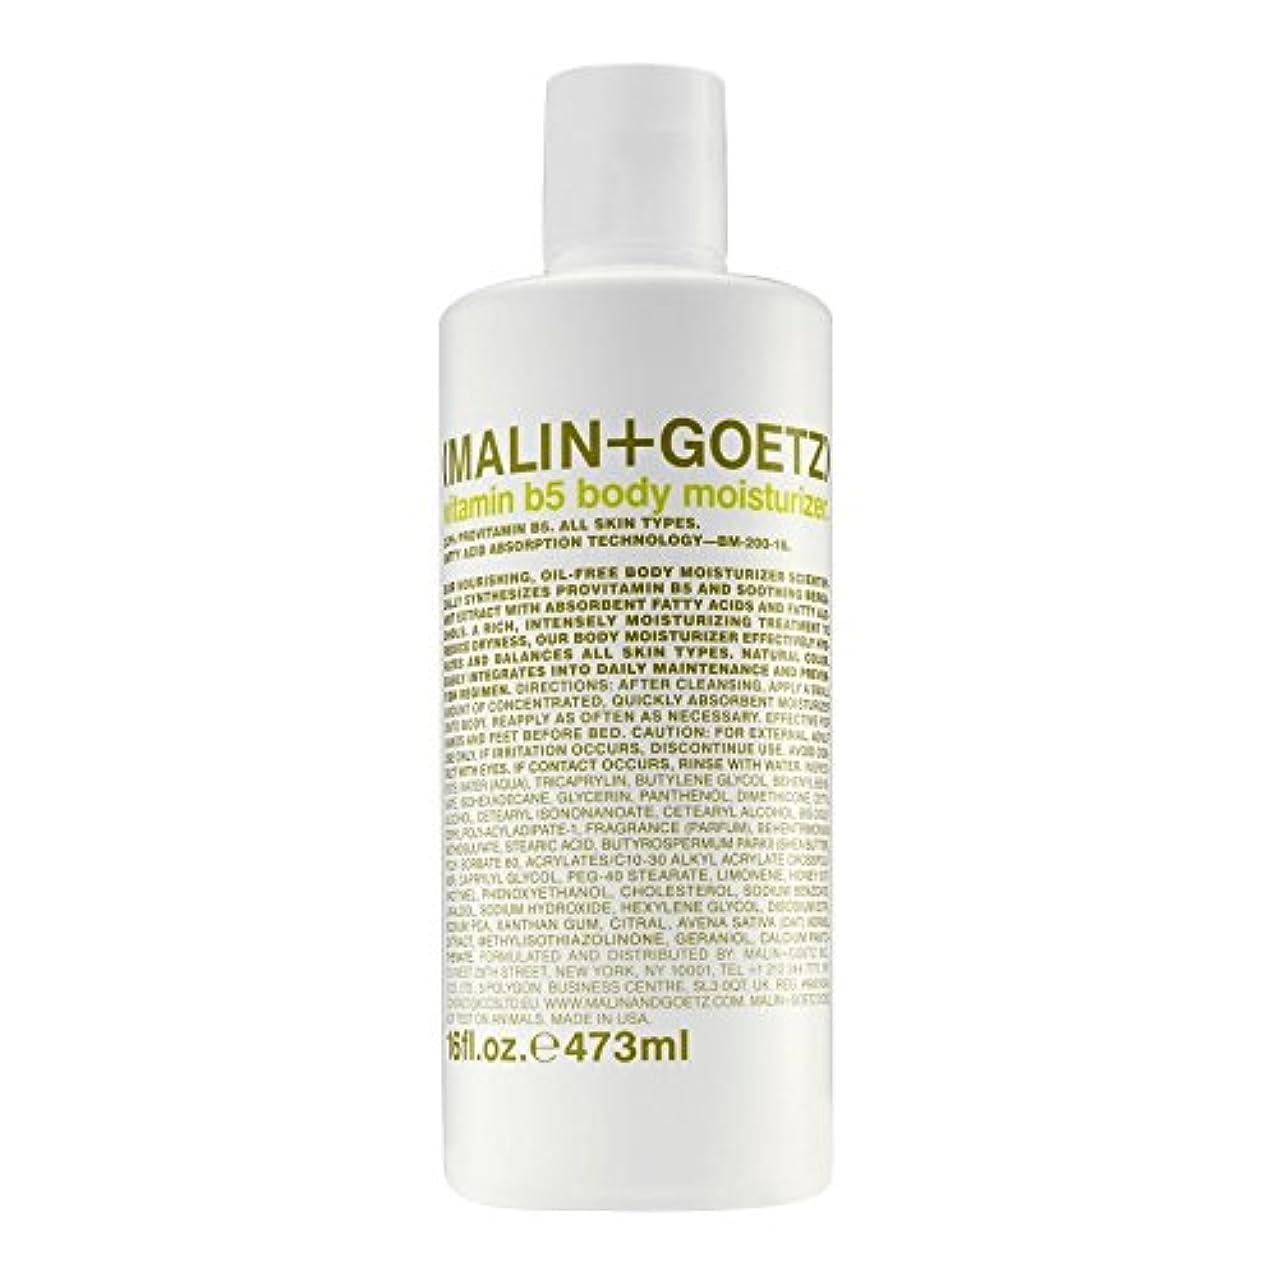 倍率ディスコメロディアスマリン+ゲッツビタミン5ボディモイスチャライザーの473ミリリットル x4 - MALIN+GOETZ Vitamin B5 Body Moisturiser 473ml (Pack of 4) [並行輸入品]